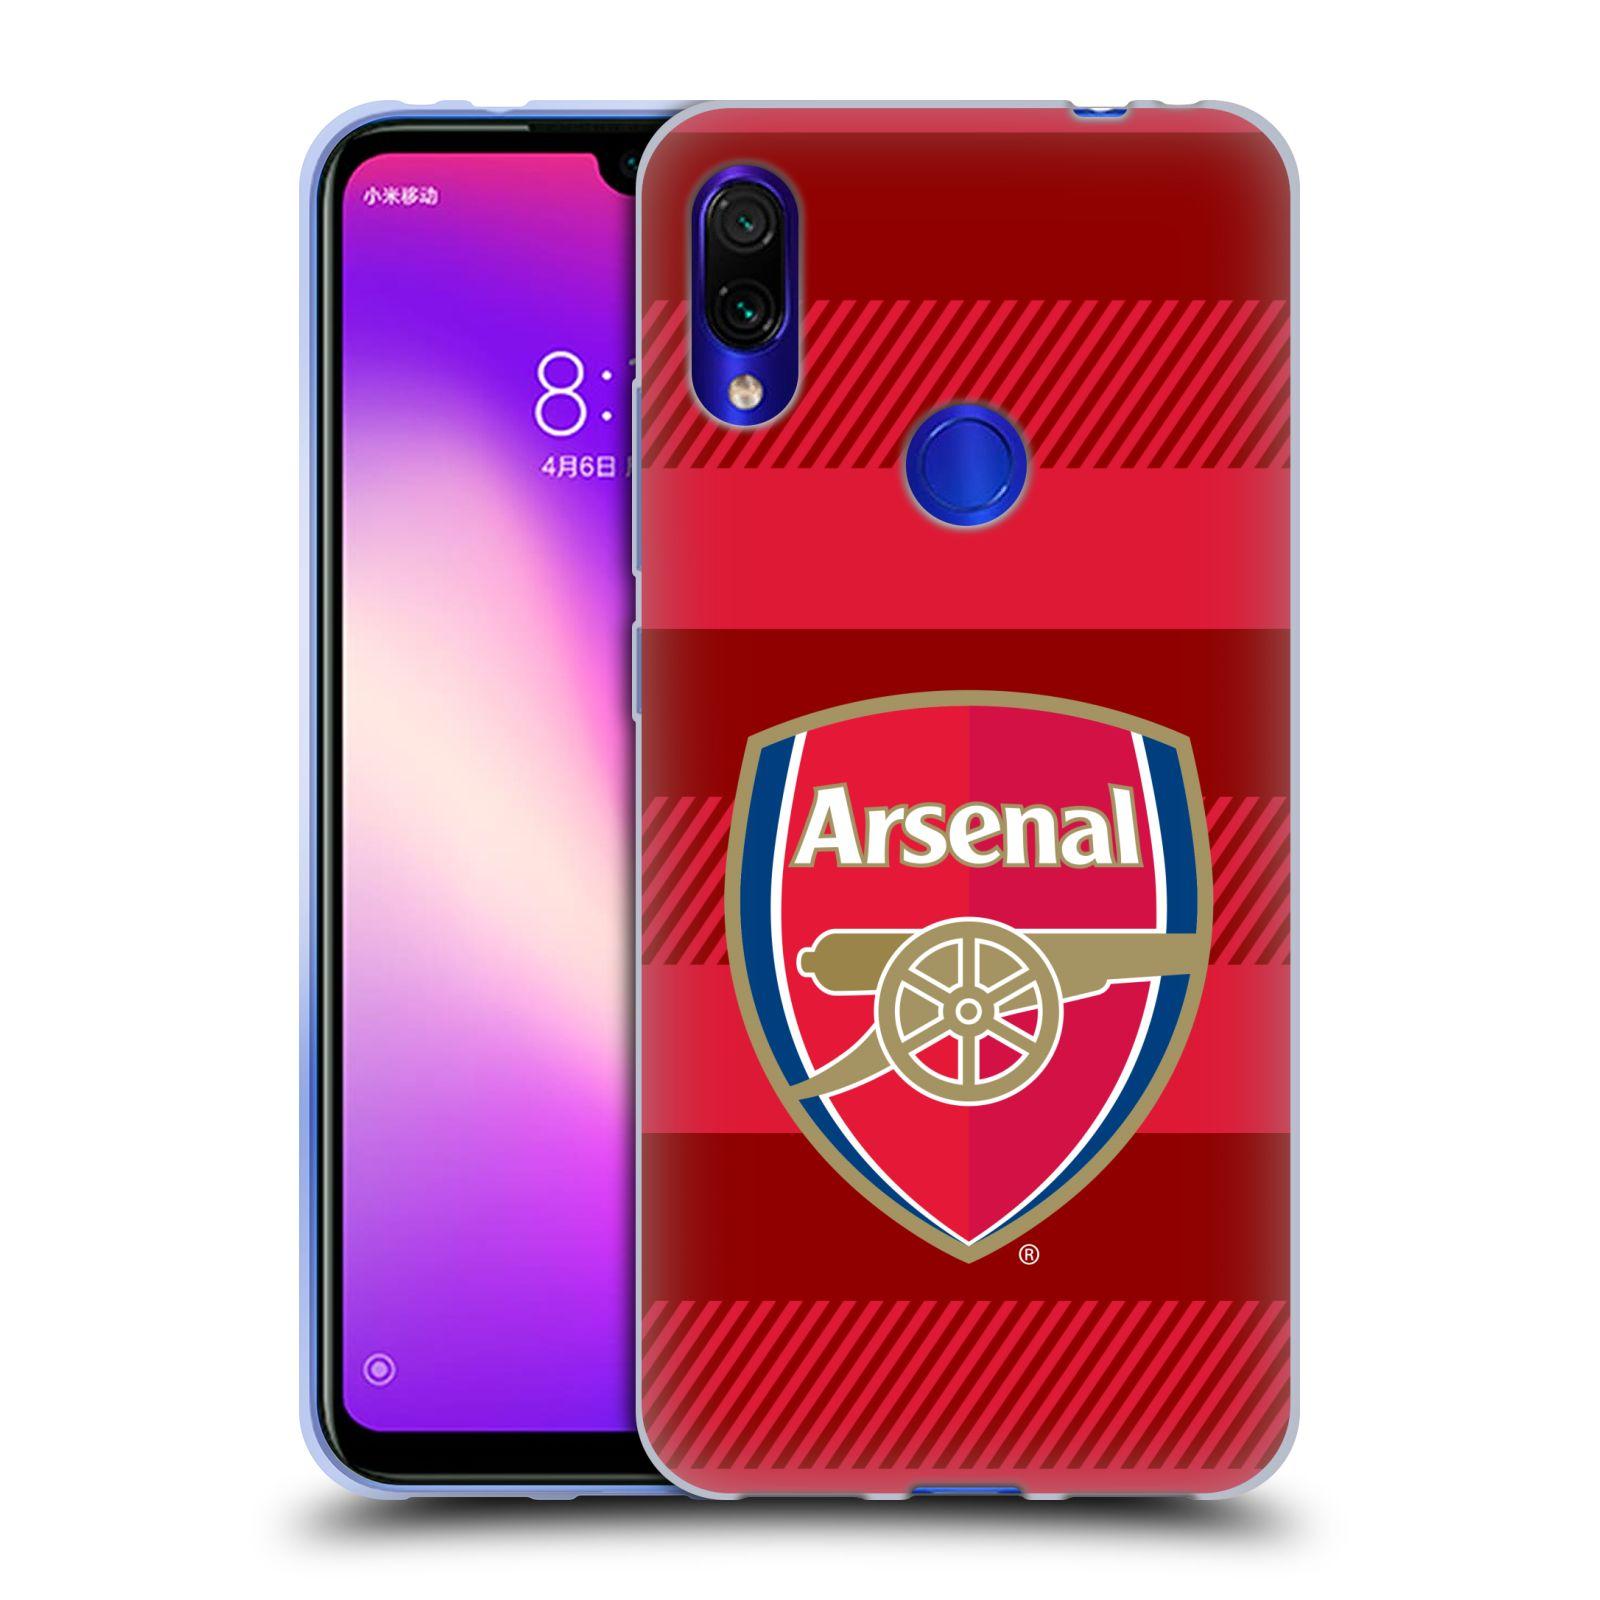 Silikonové pouzdro na mobil Xiaomi Redmi Note 7 - Head Case - Arsenal FC - Logo s pruhy